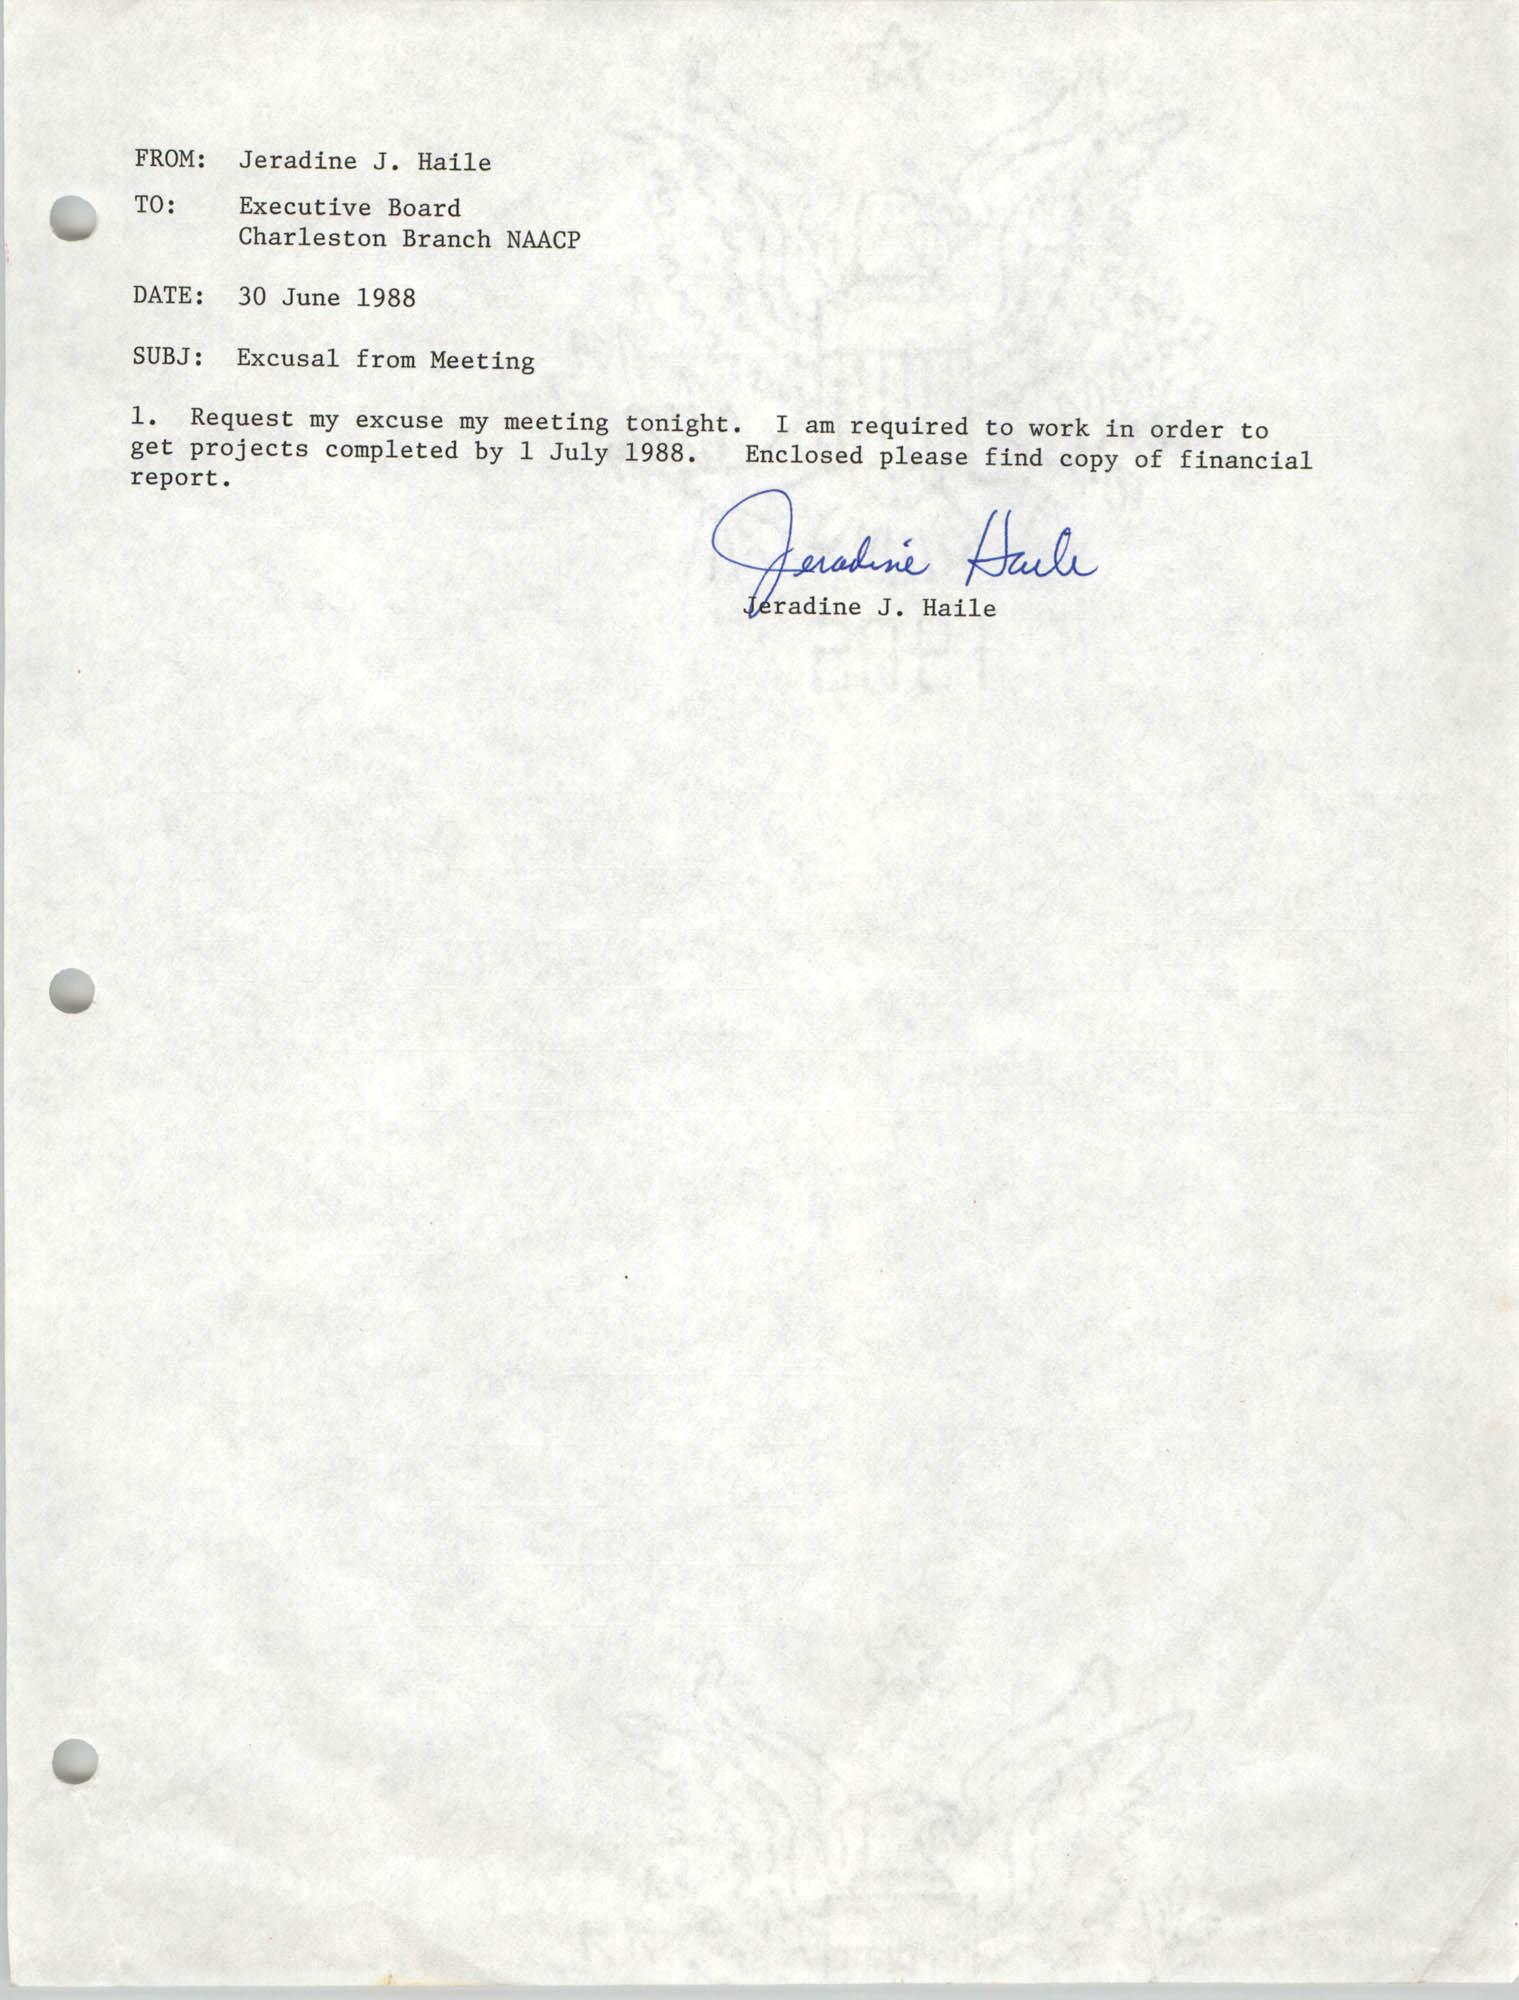 Charleston Branch of the NAACP Memorandum, June 30, 1988